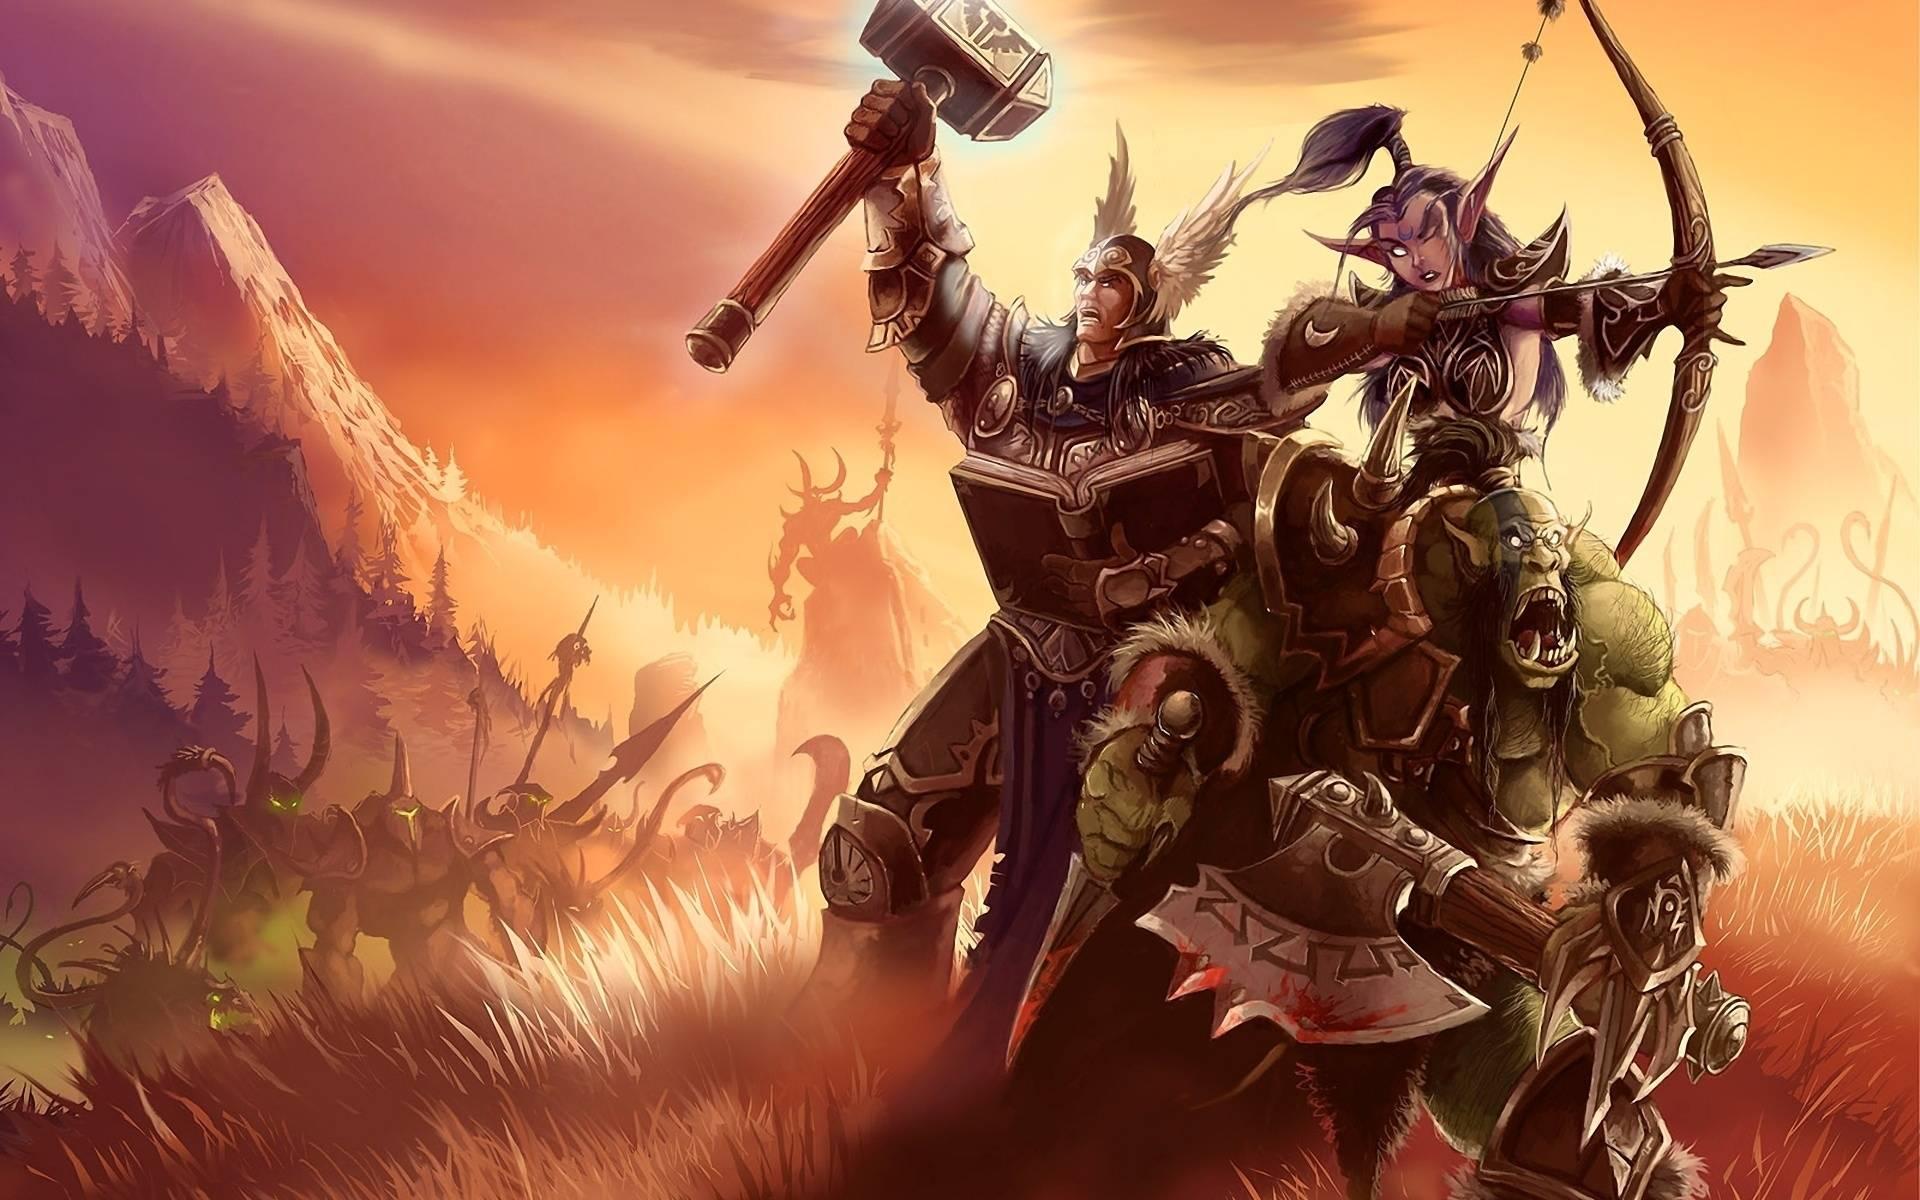 обои world of warcraft, арт, войны, эльф картинки фото